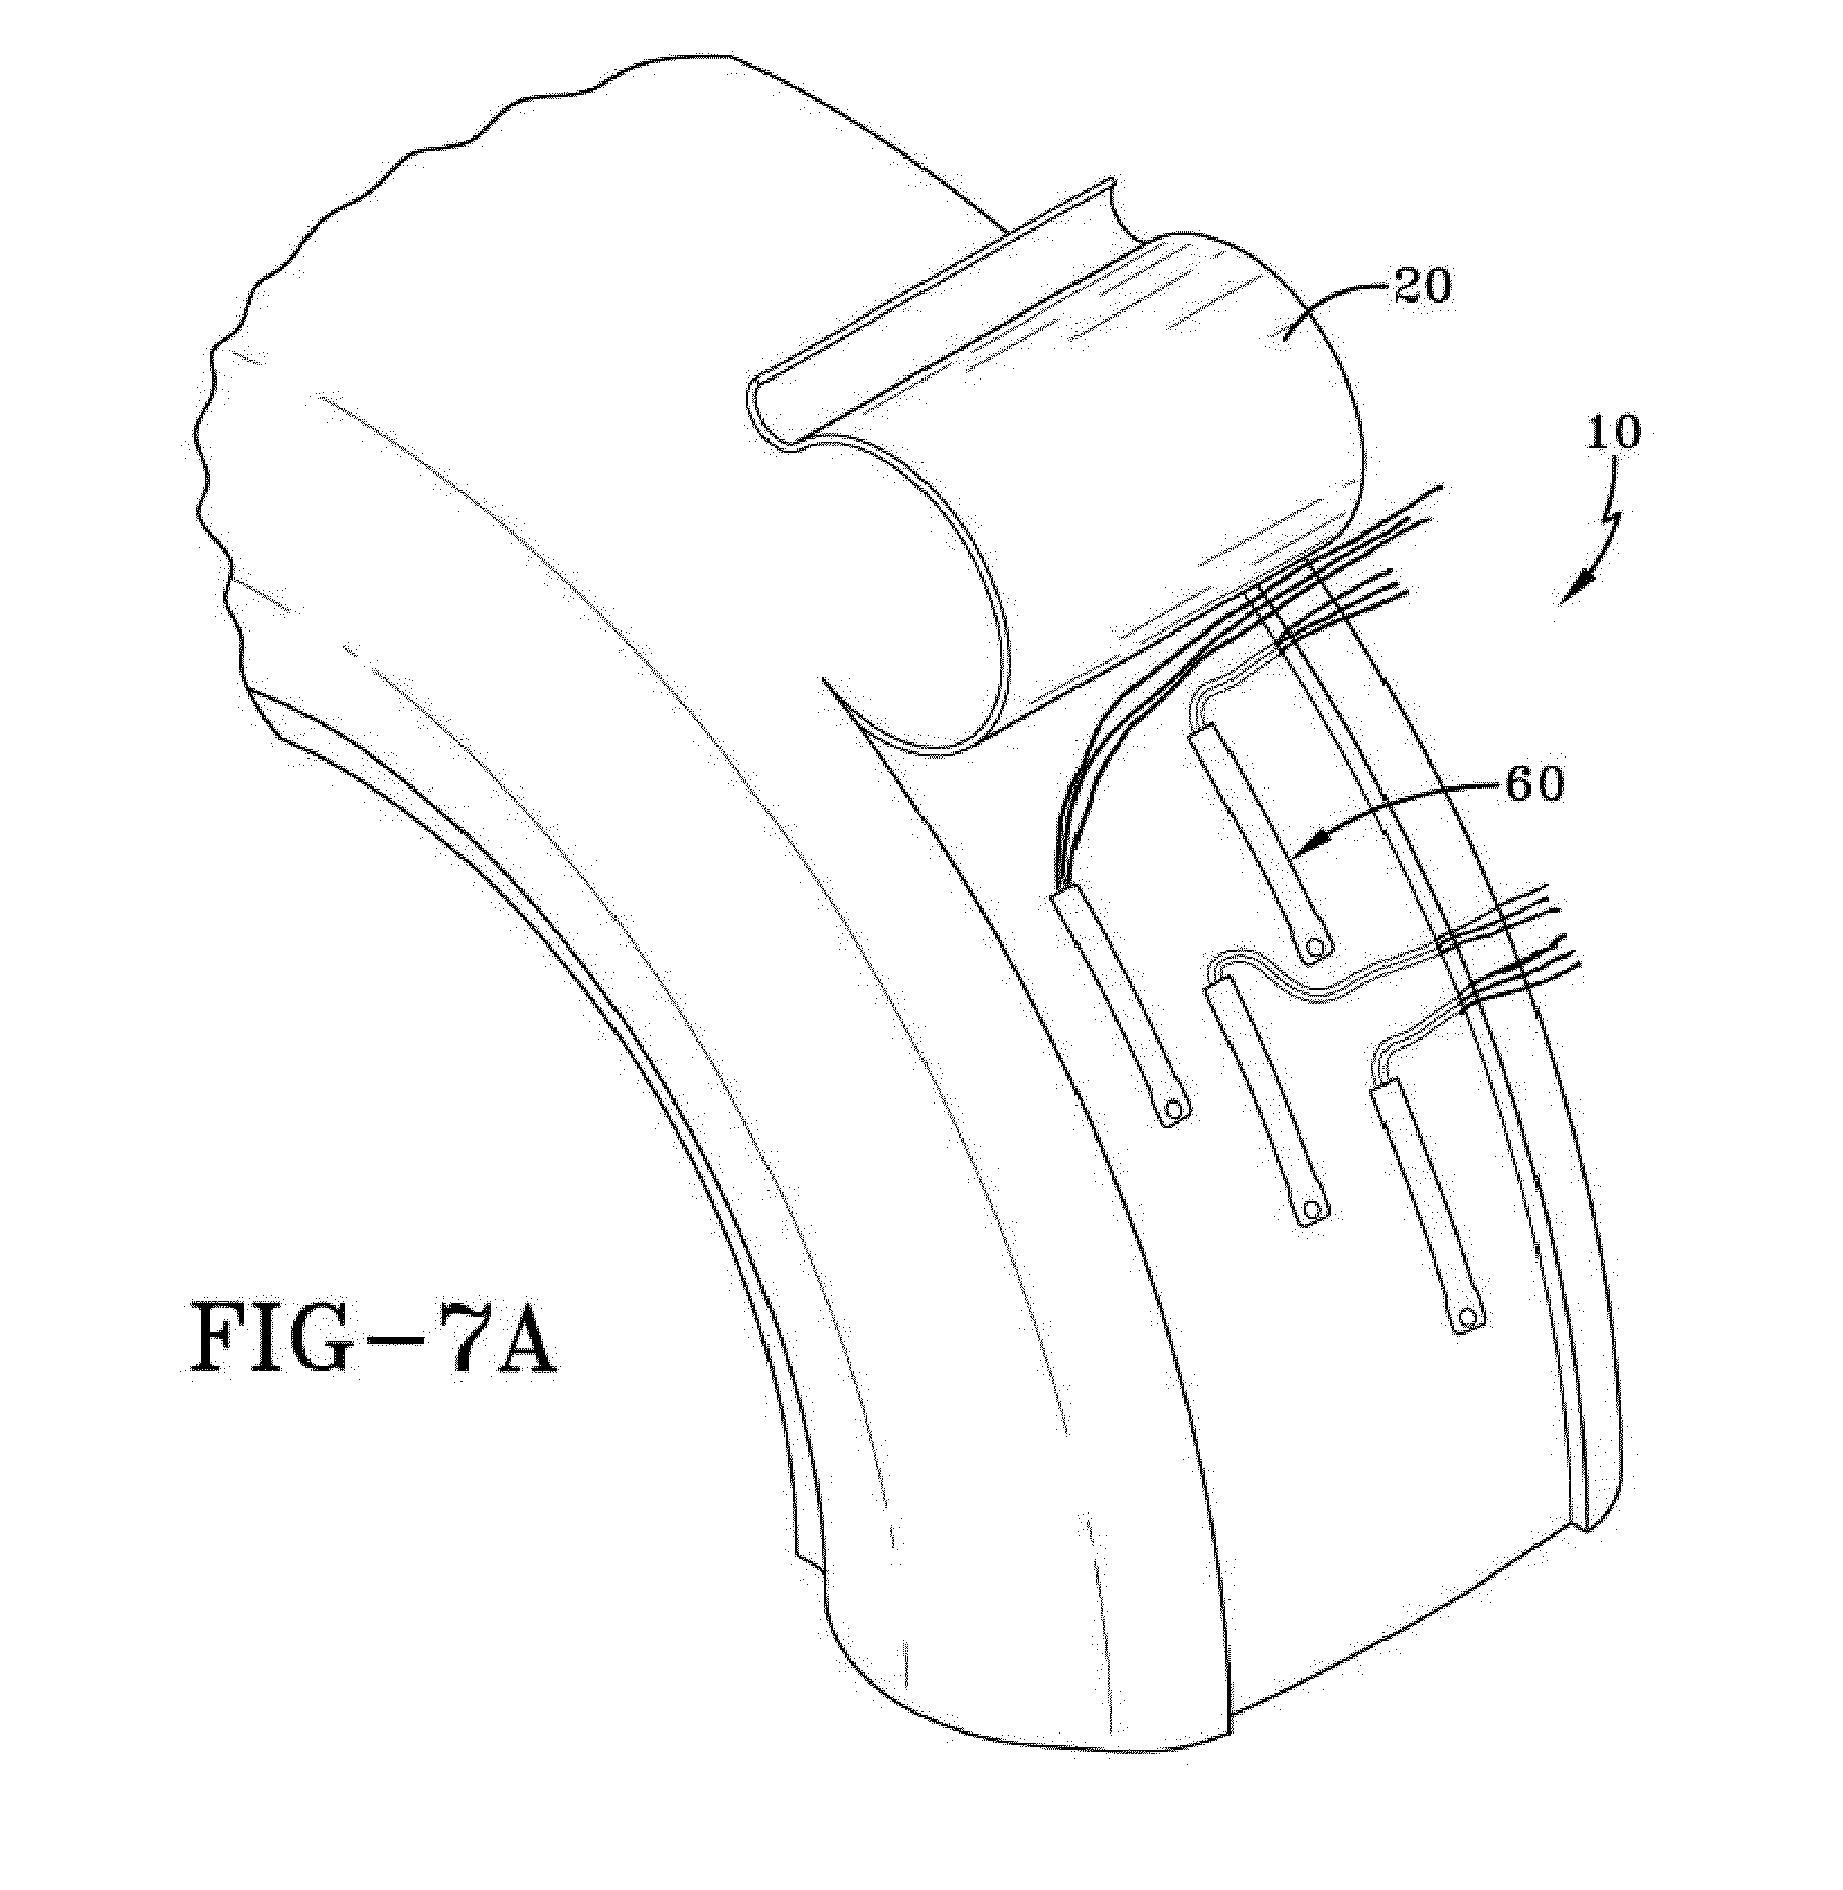 Midi Wire Diagram